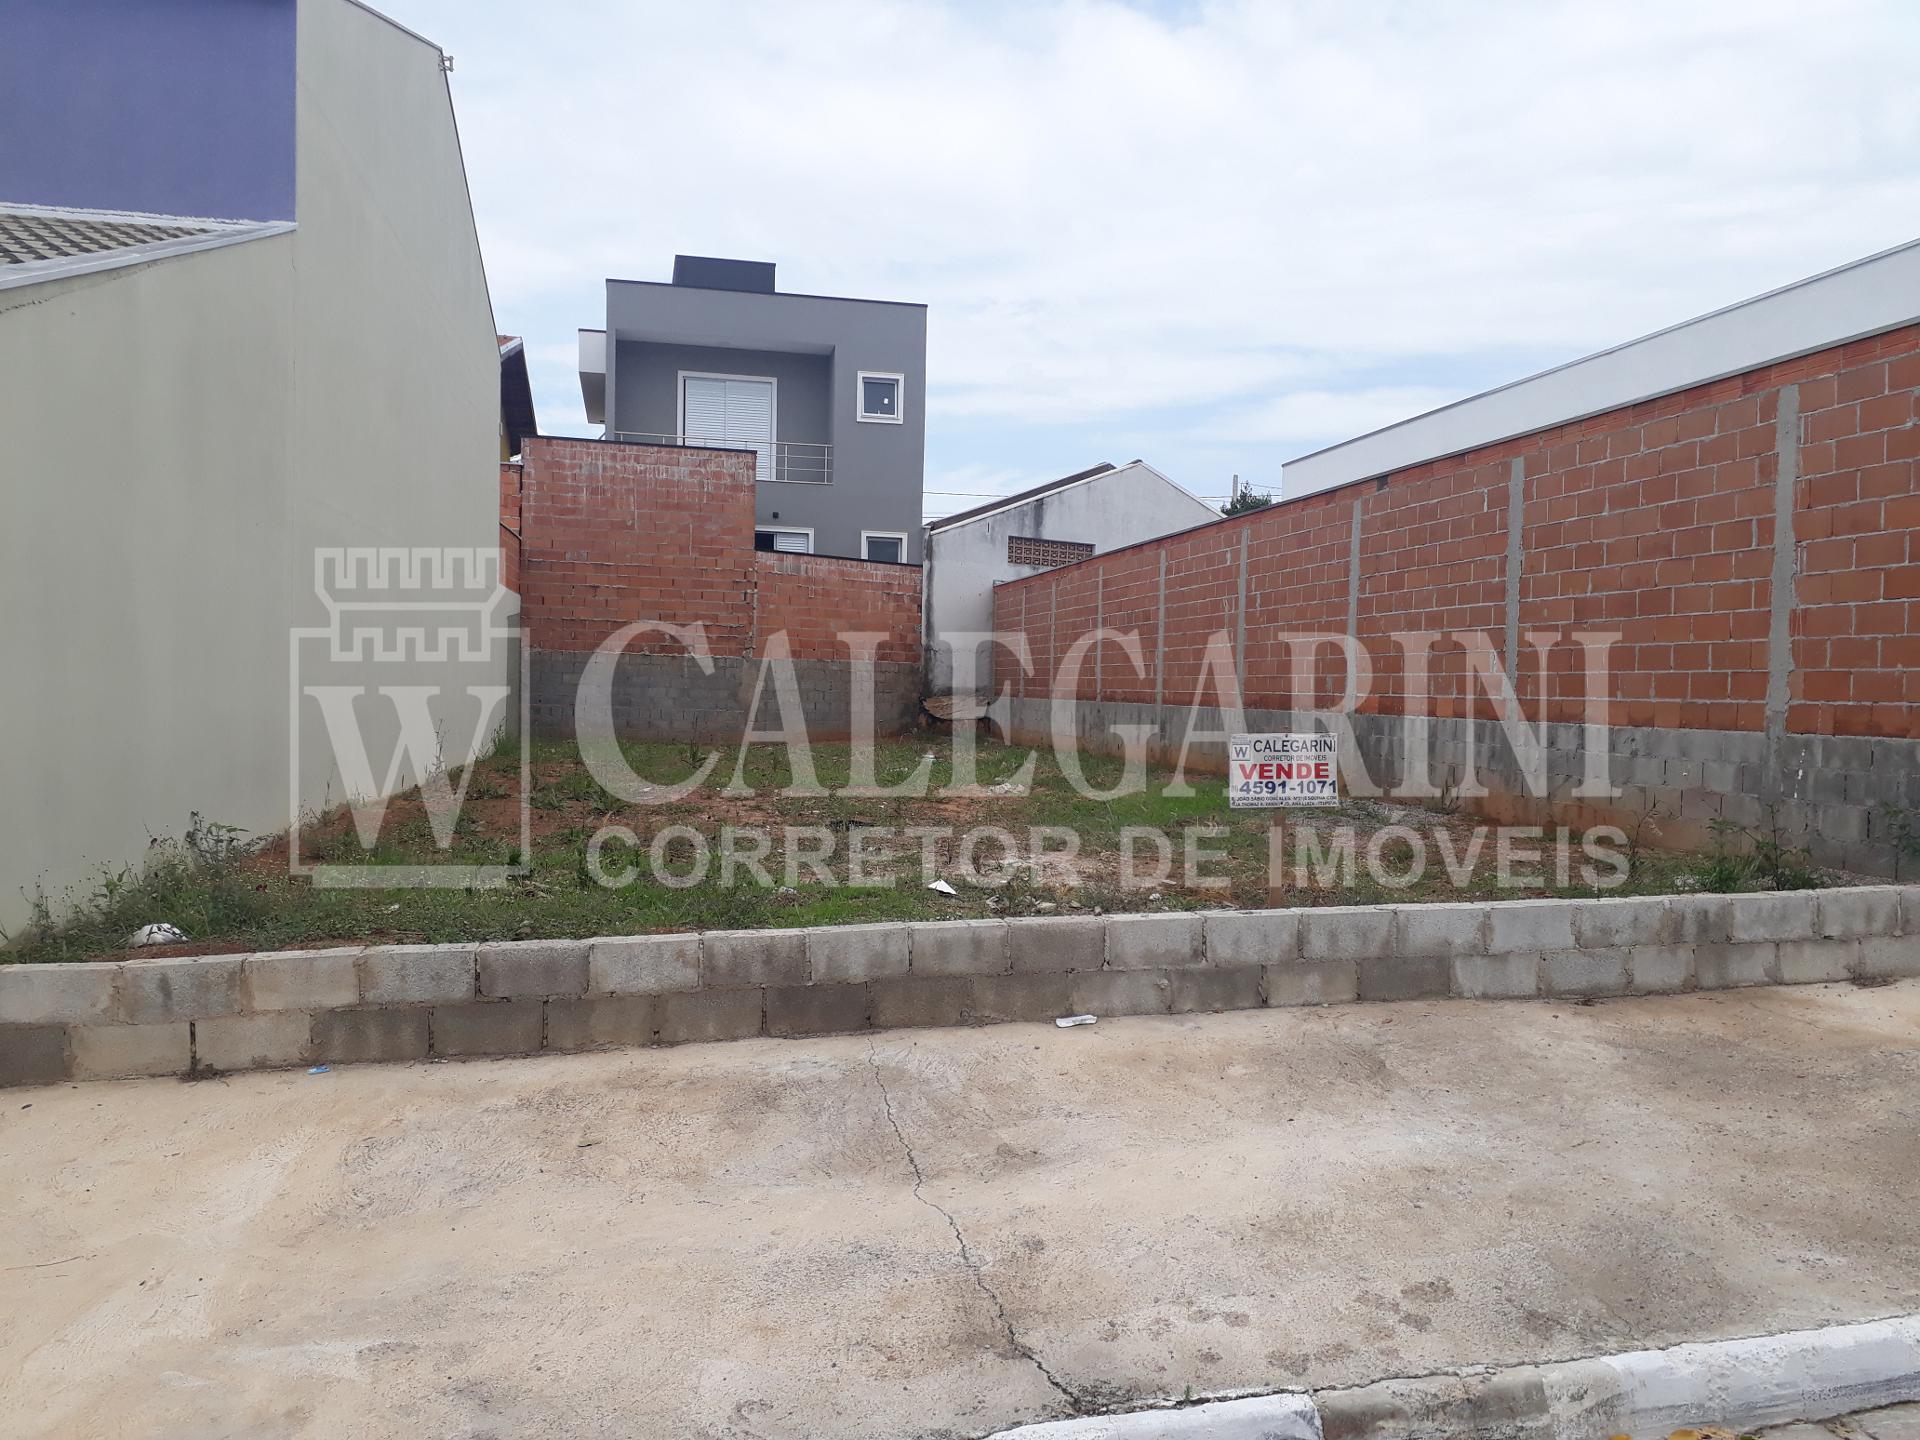 Terreno à venda, Terra Brasilis, ITUPEVA - SP